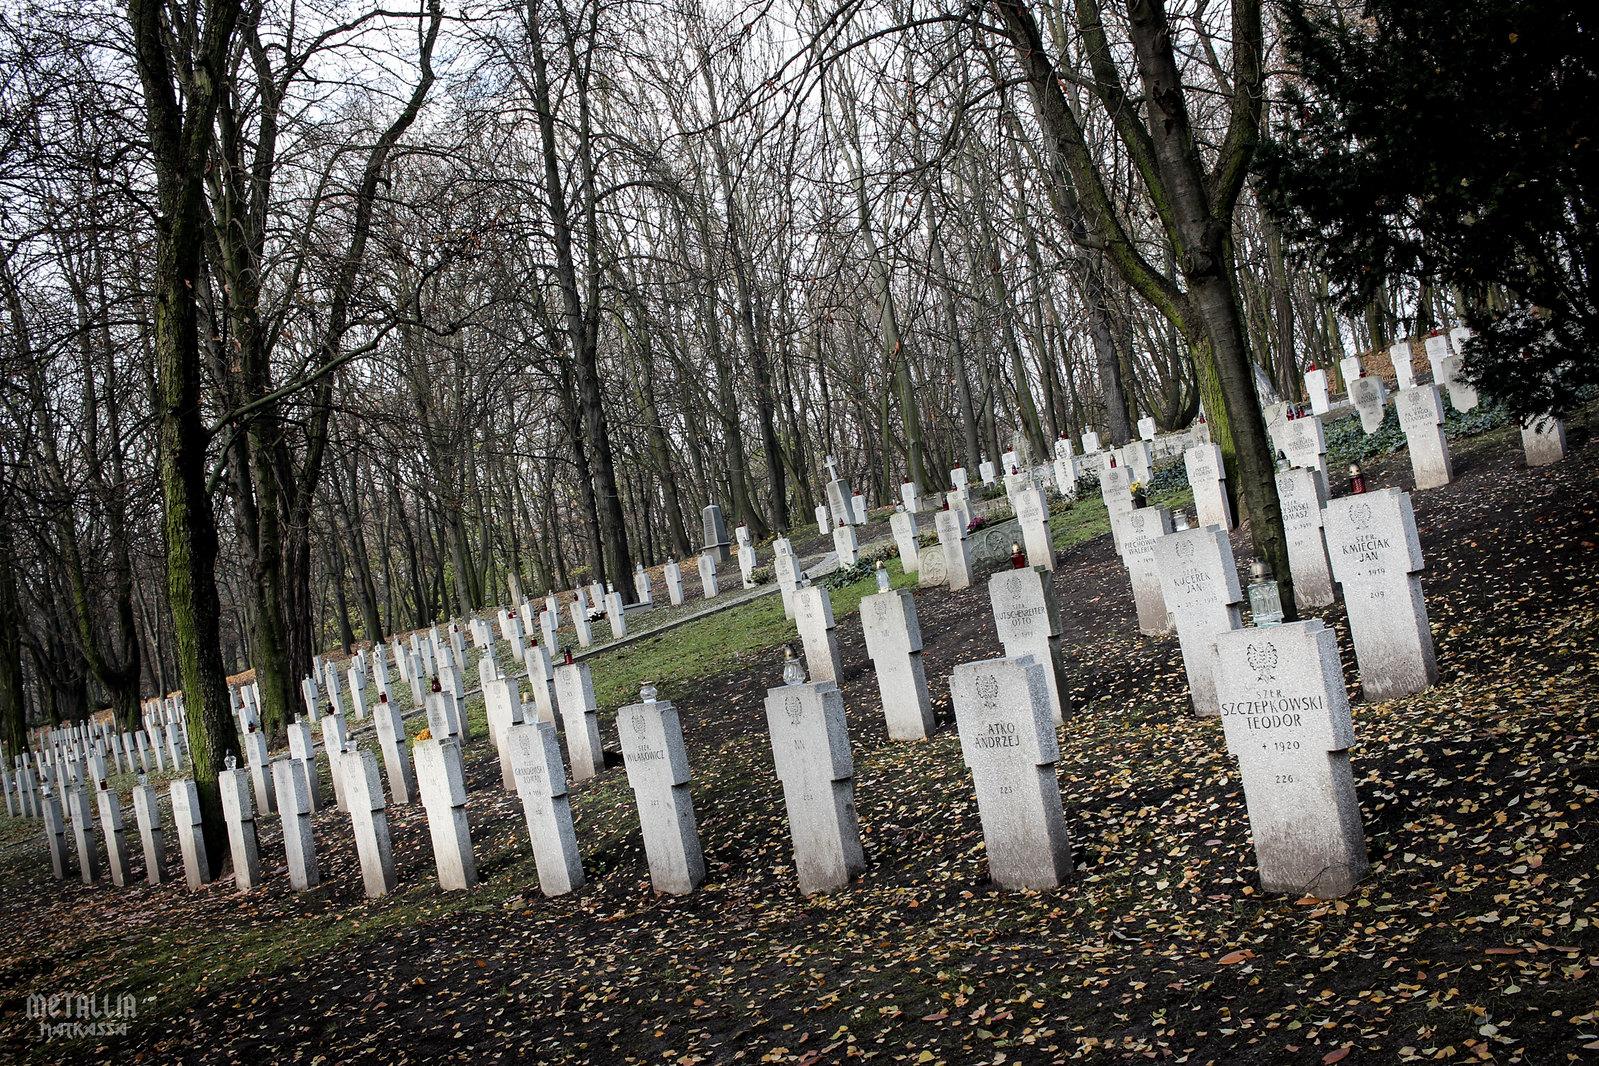 poznań, park cytadela, poznań fort, old garrison cemetery, fort winiary, world wars in poznań, war tourism